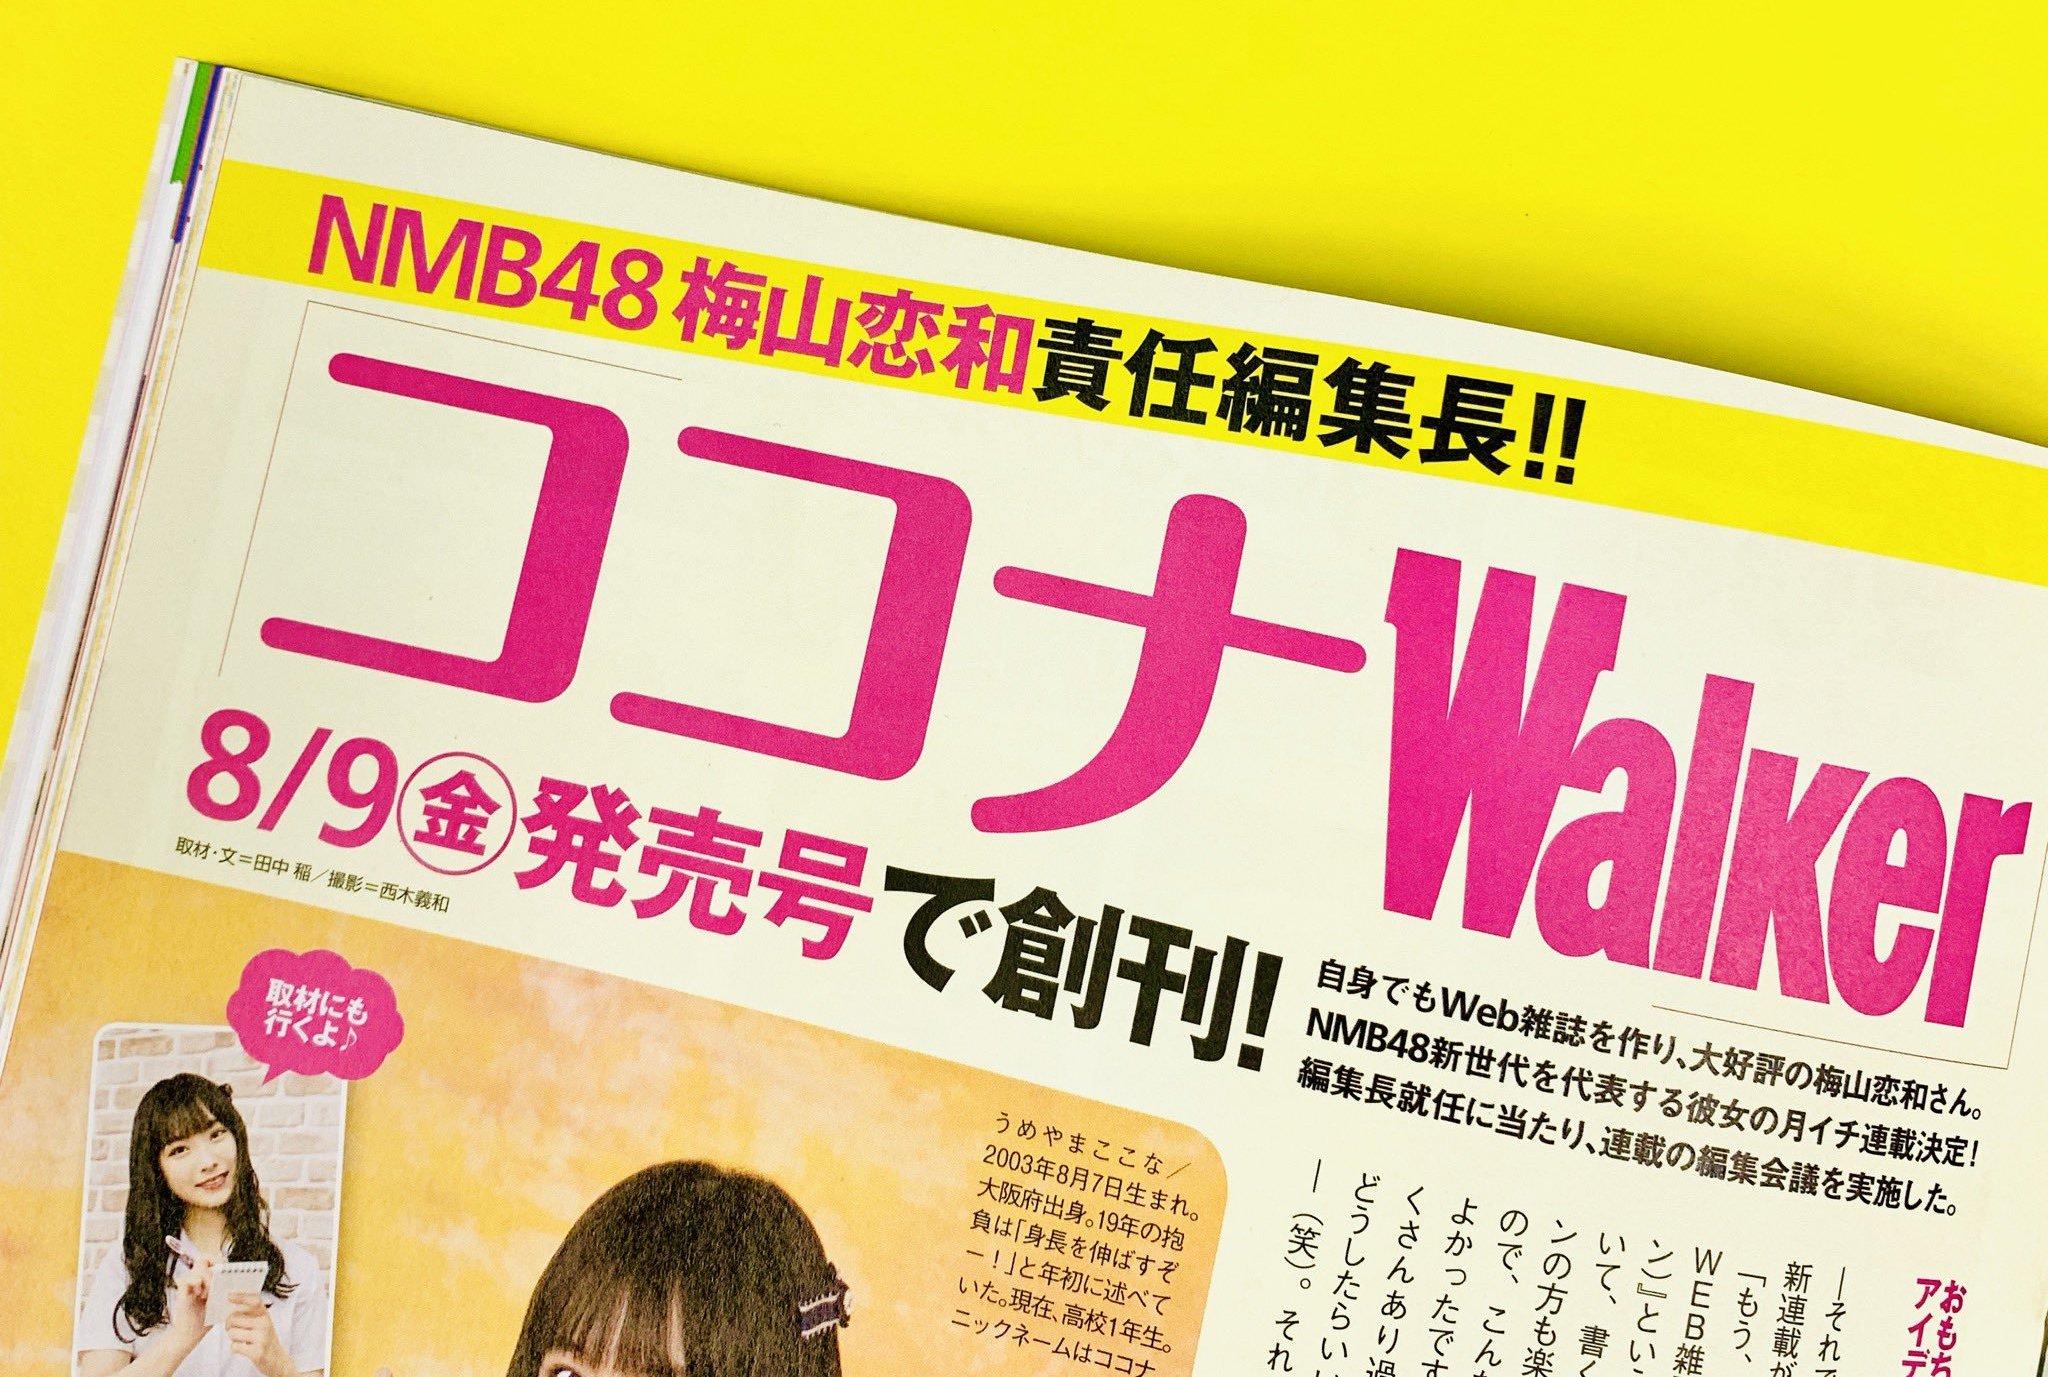 【梅山恋和】関西ウォーカーでココナの新連載「ココナWalker」が開始。